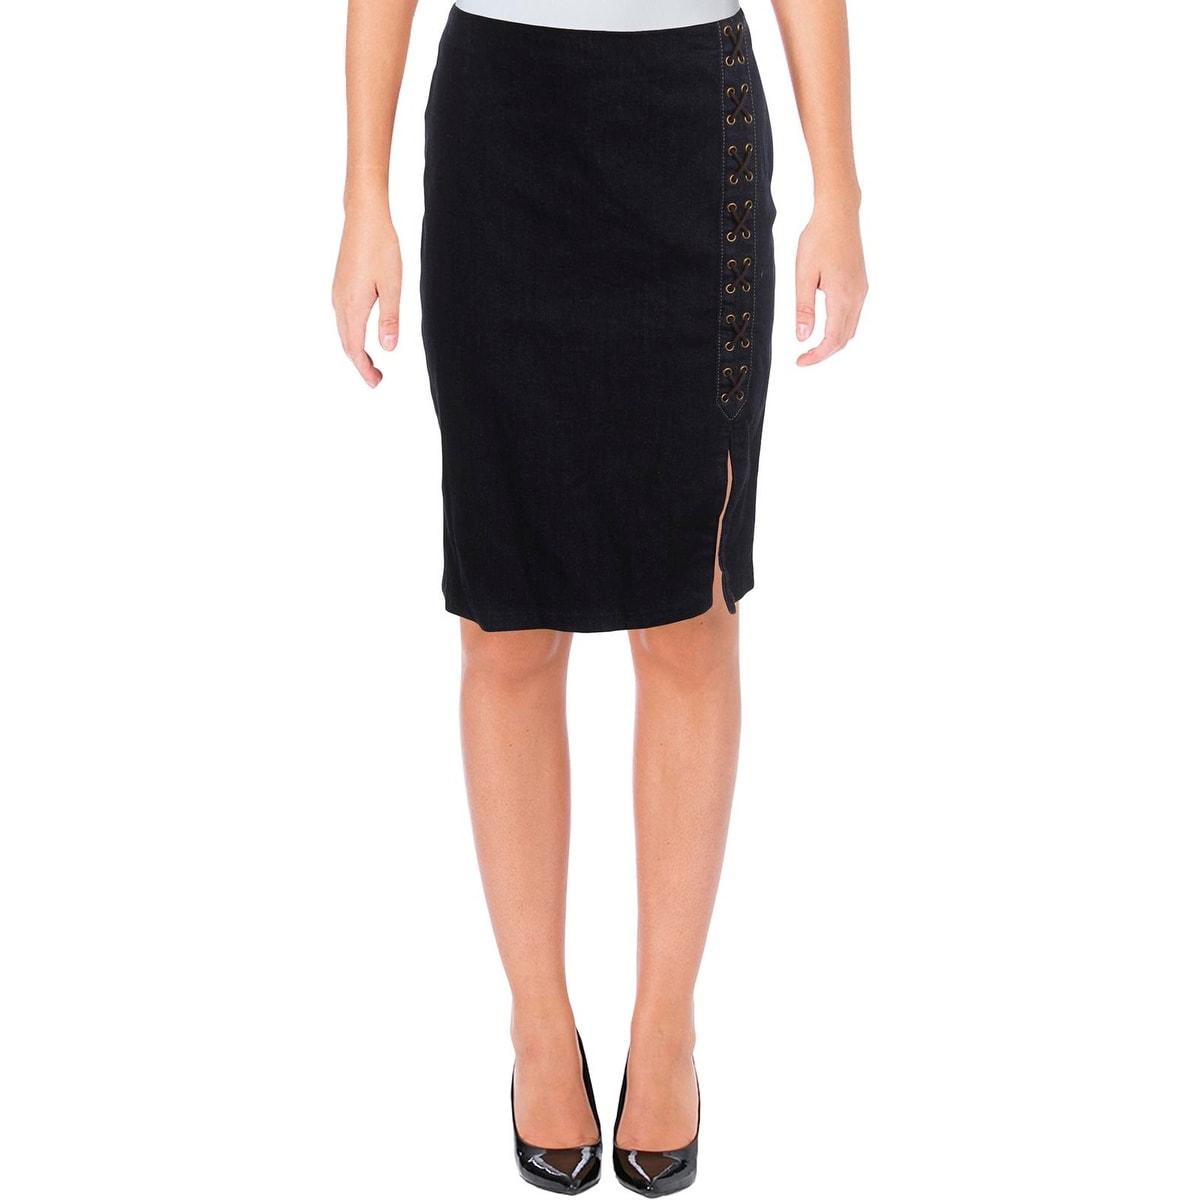 e8572f2a0b LAUREN Ralph Lauren Skirts | Find Great Women's Clothing Deals ...